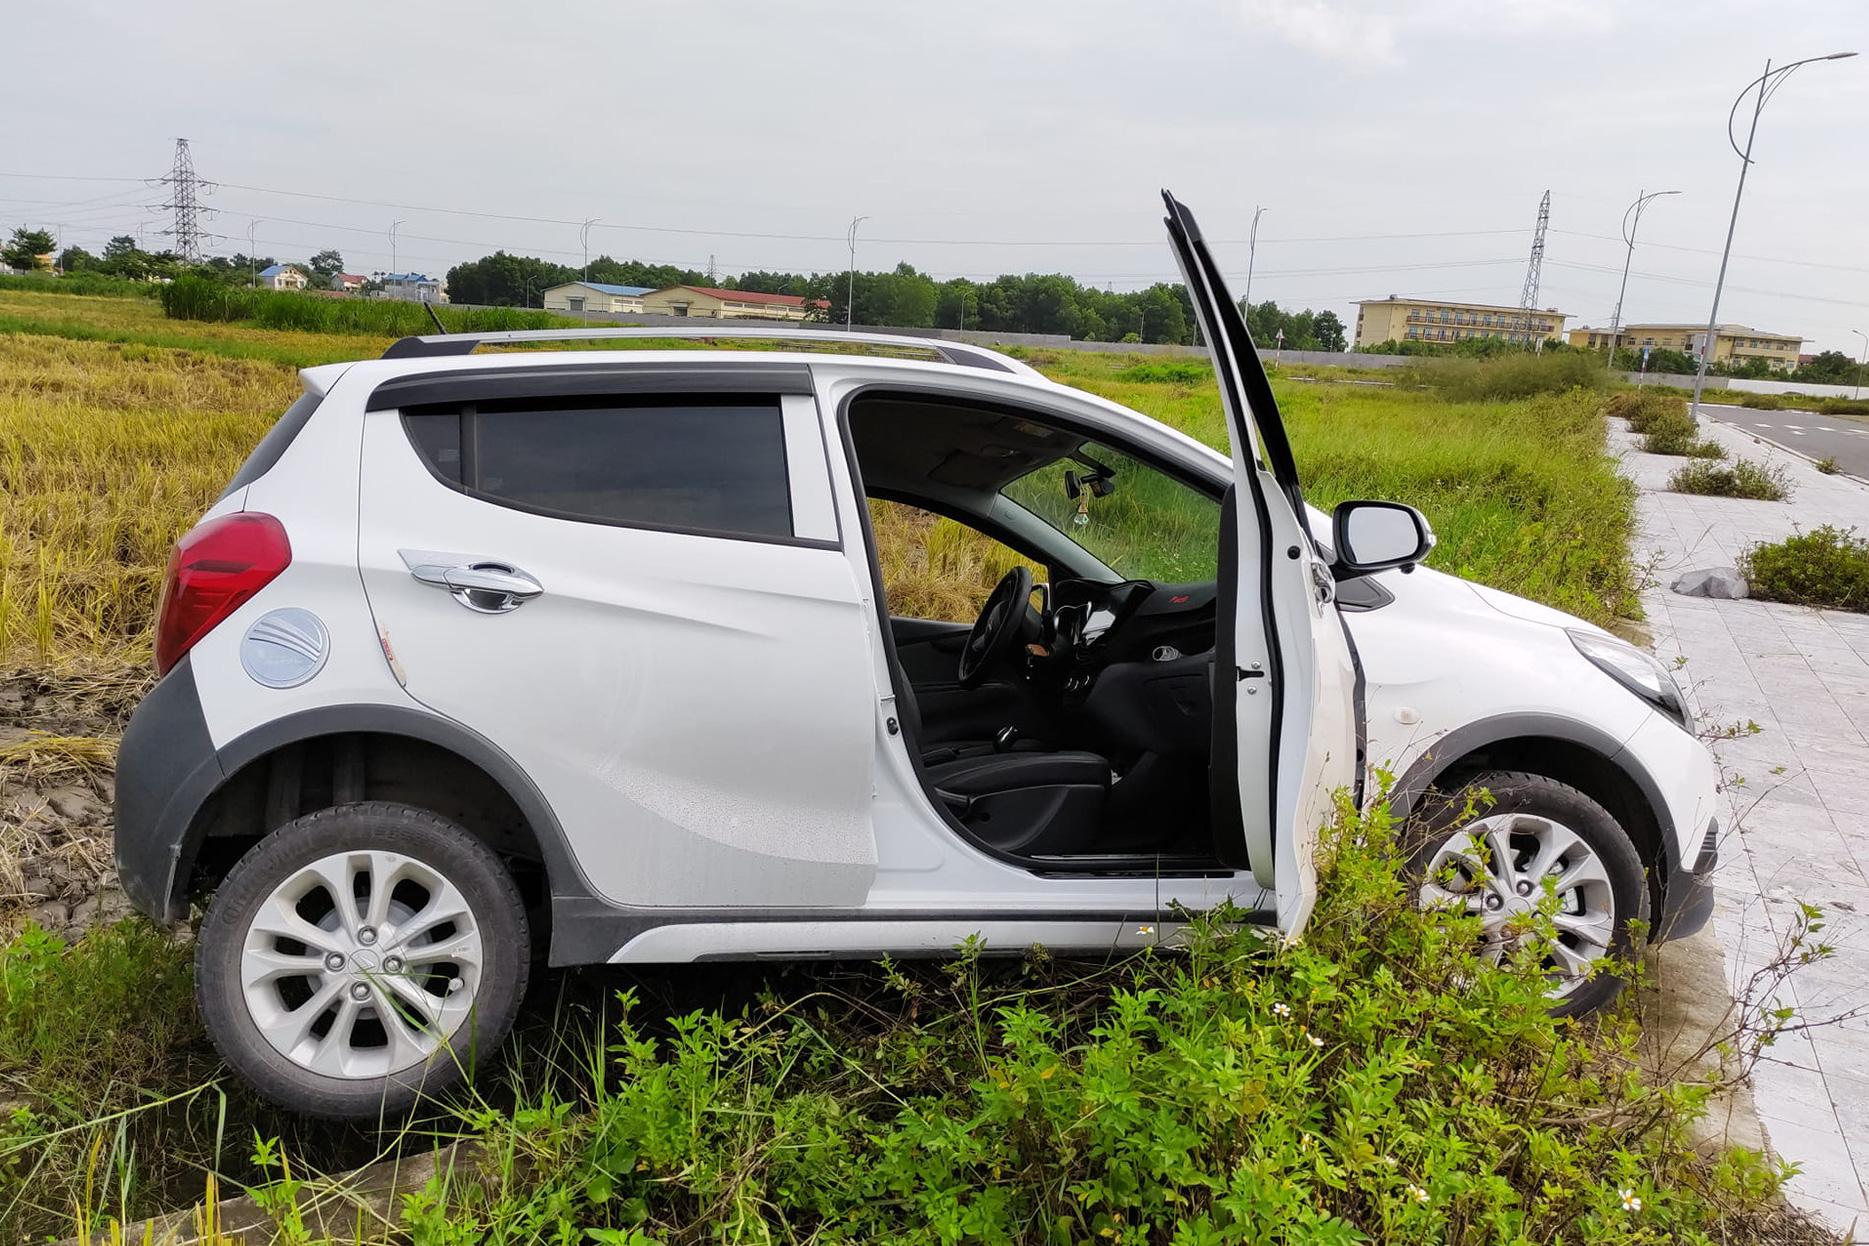 Vợ tập lái lùi thẳng VinFast Fadil xuống ruộng, chủ xe khen khung gầm, khắc phục hậu quả chỉ mất 300.000 đồng